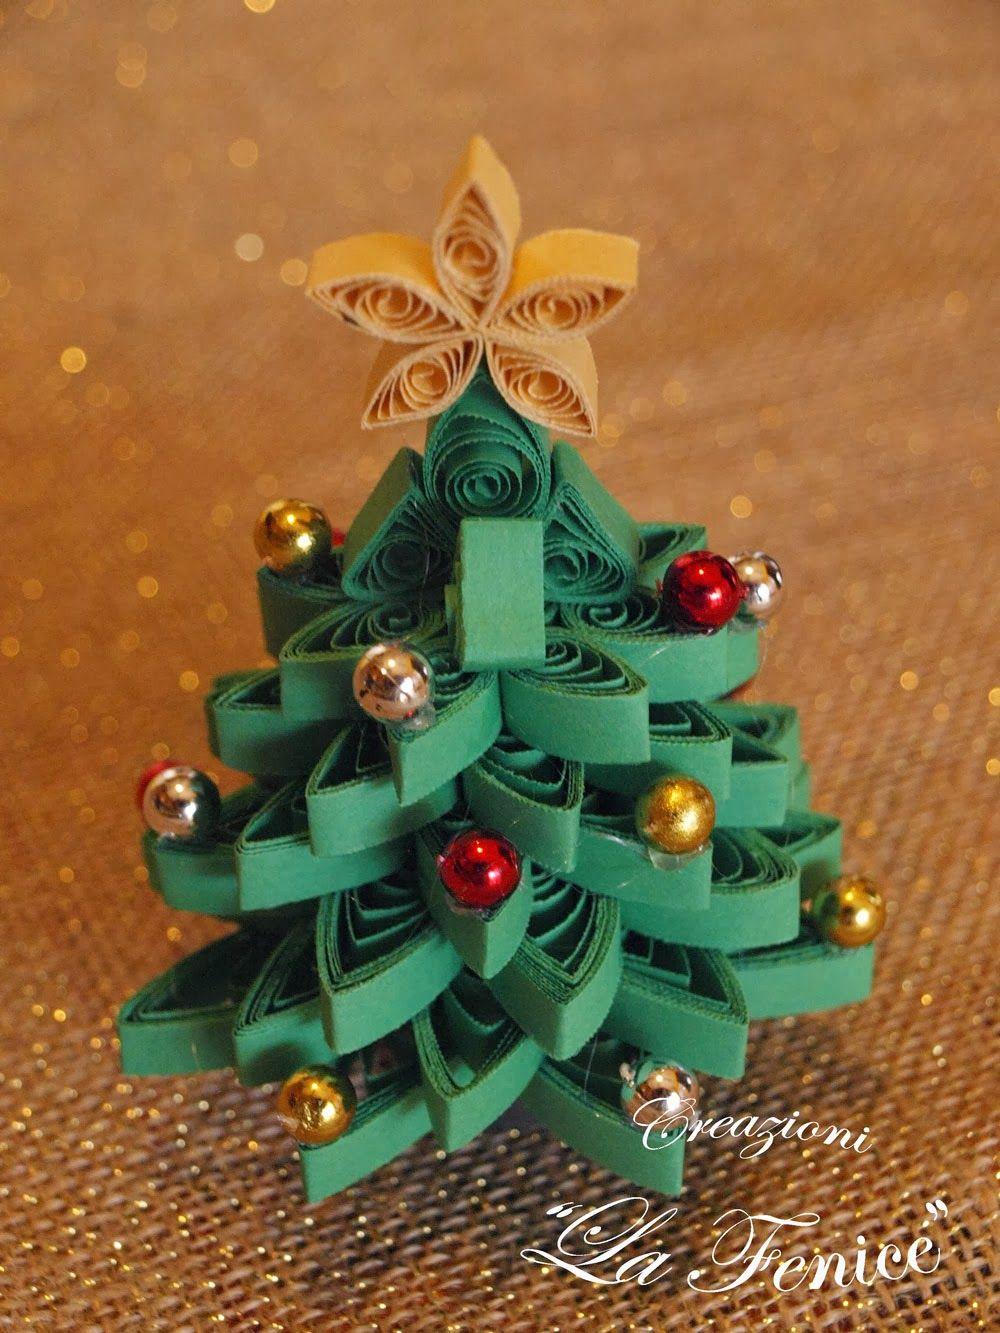 Albero Di Natale Quilling.Creazioni La Fenice Albero Di Natale Realizzato A Quilling Quilling Christmas Quilling Craft Origami And Quilling